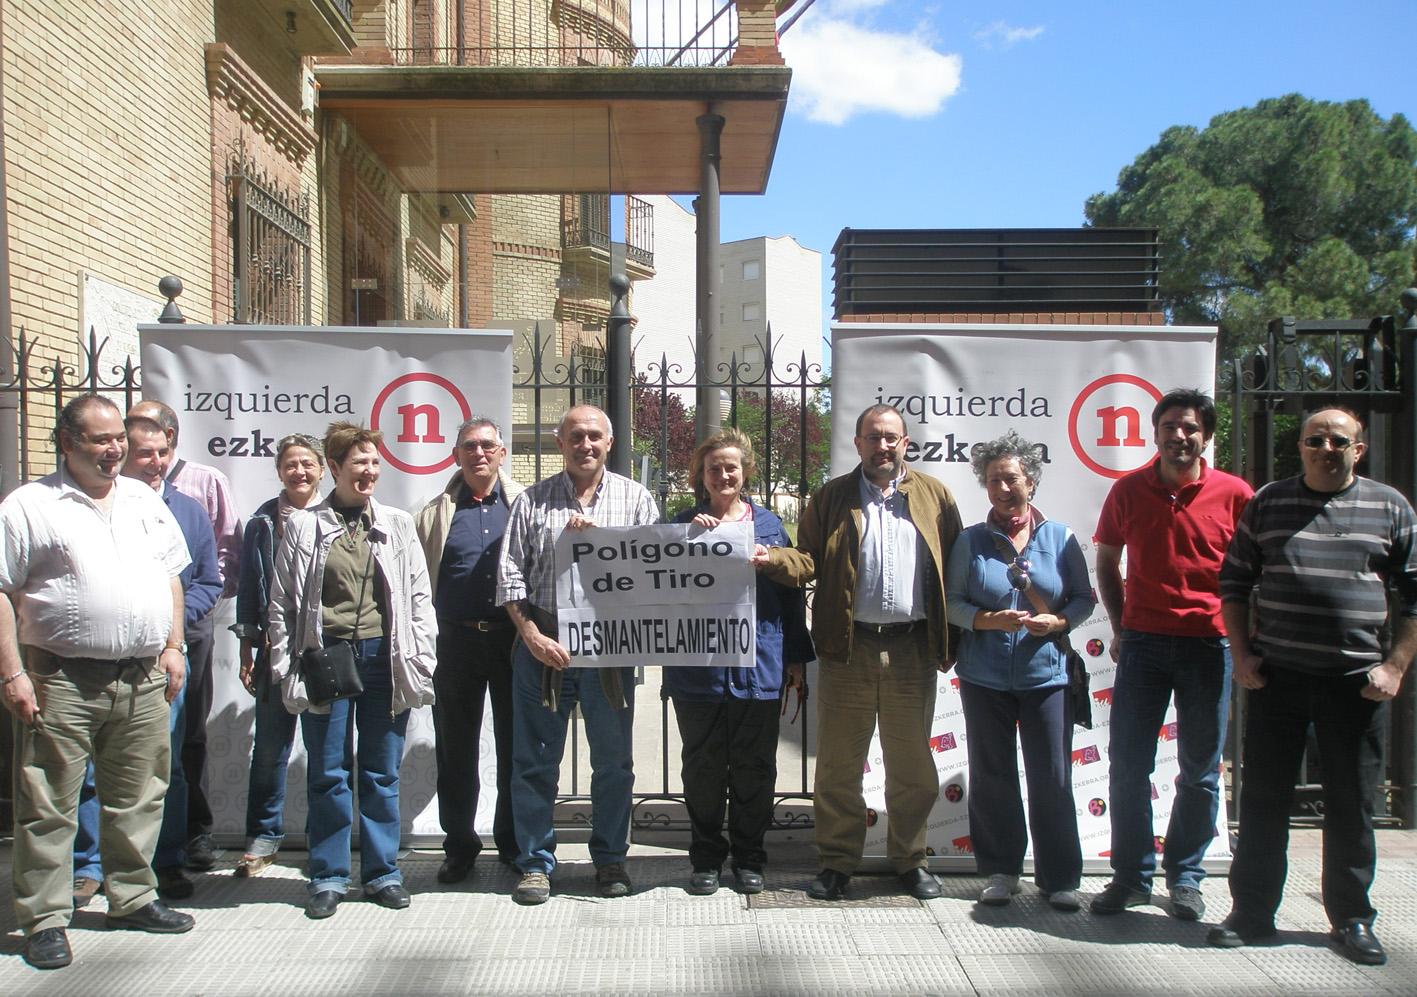 Izquierda-Ezkerra exige el desmantelamiento del Poligono de Tiro de las Bardenas